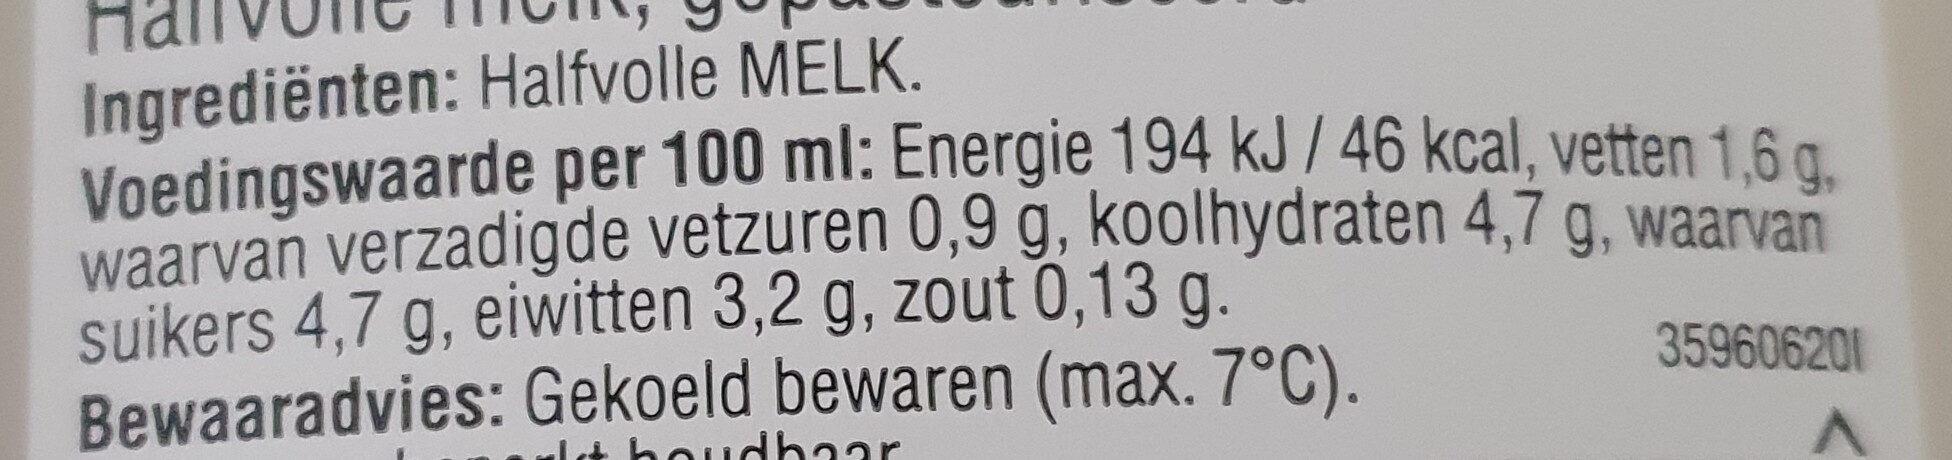 Halfvolle Melk - Nutrition facts - nl